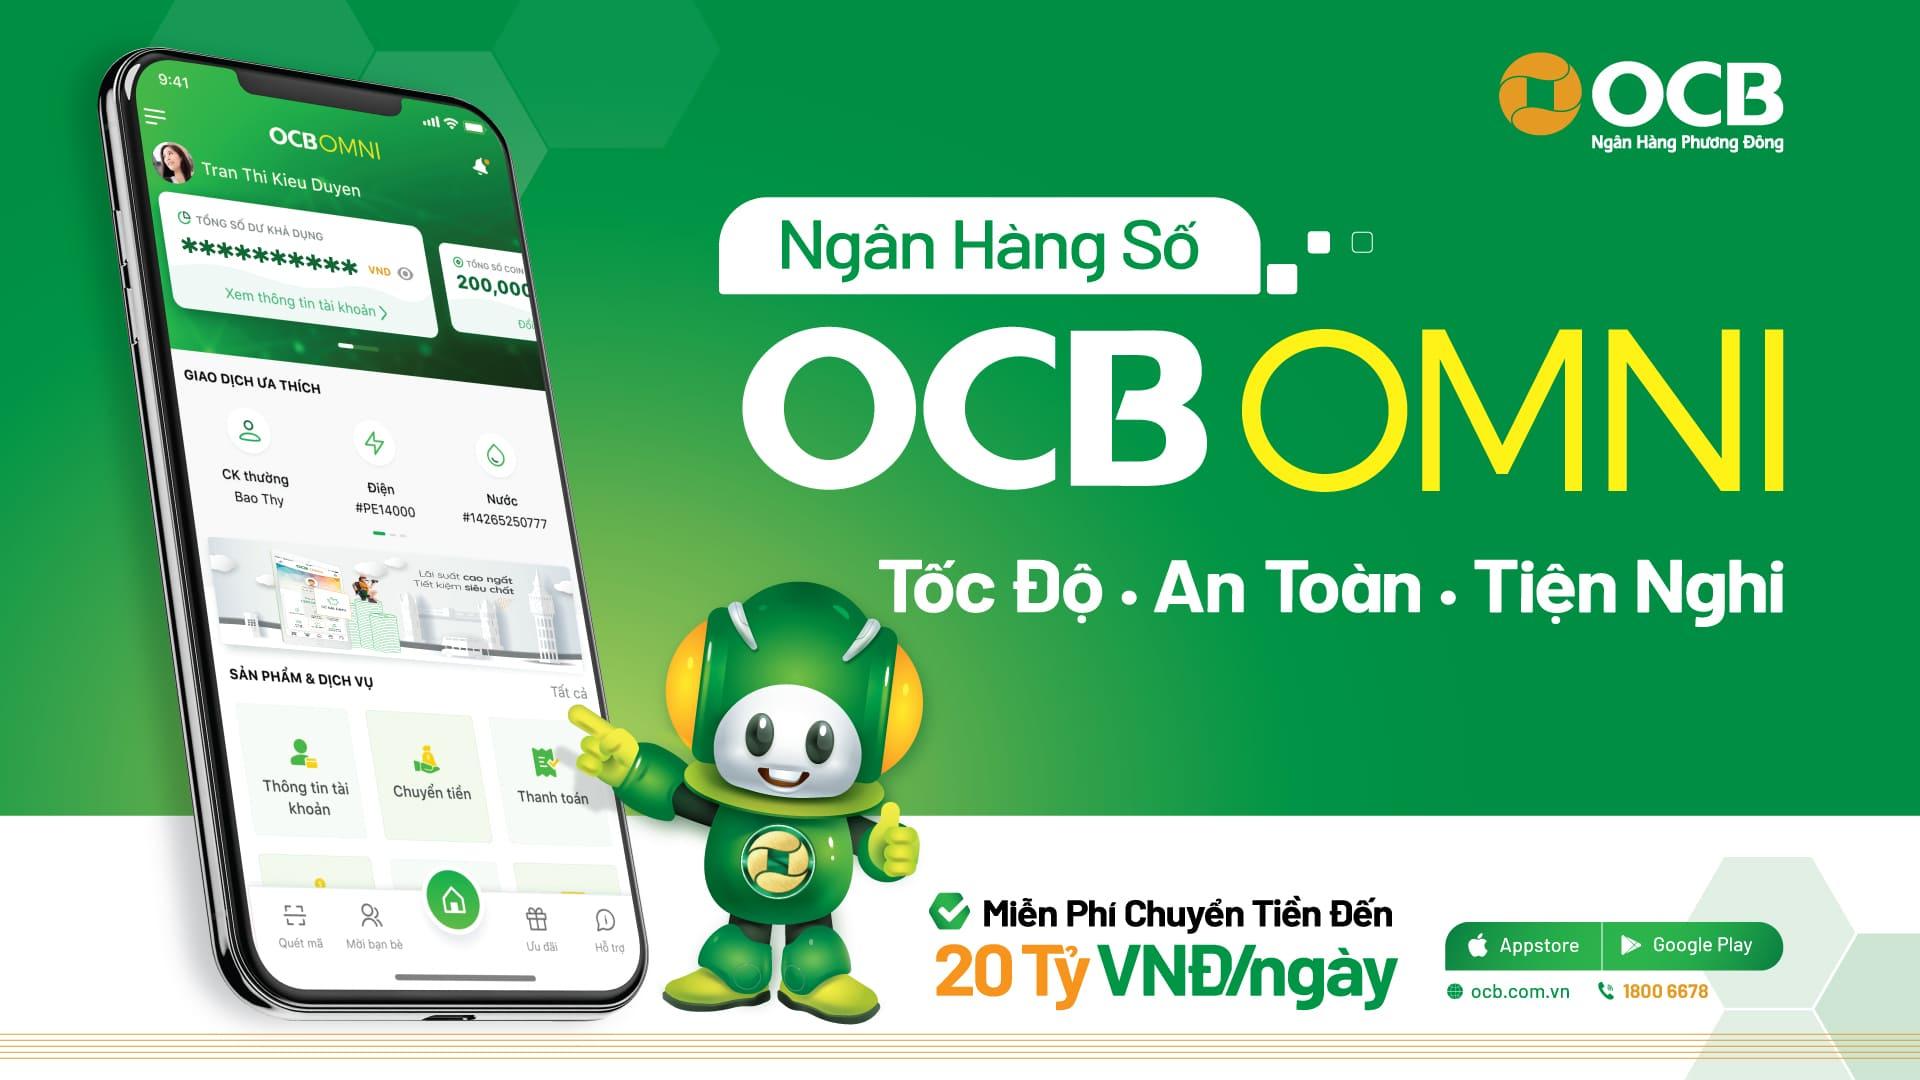 Hướng dẫn mở tài khoản OCB Online qua ứng dụng OMNI miễn phí mới nhất 2021